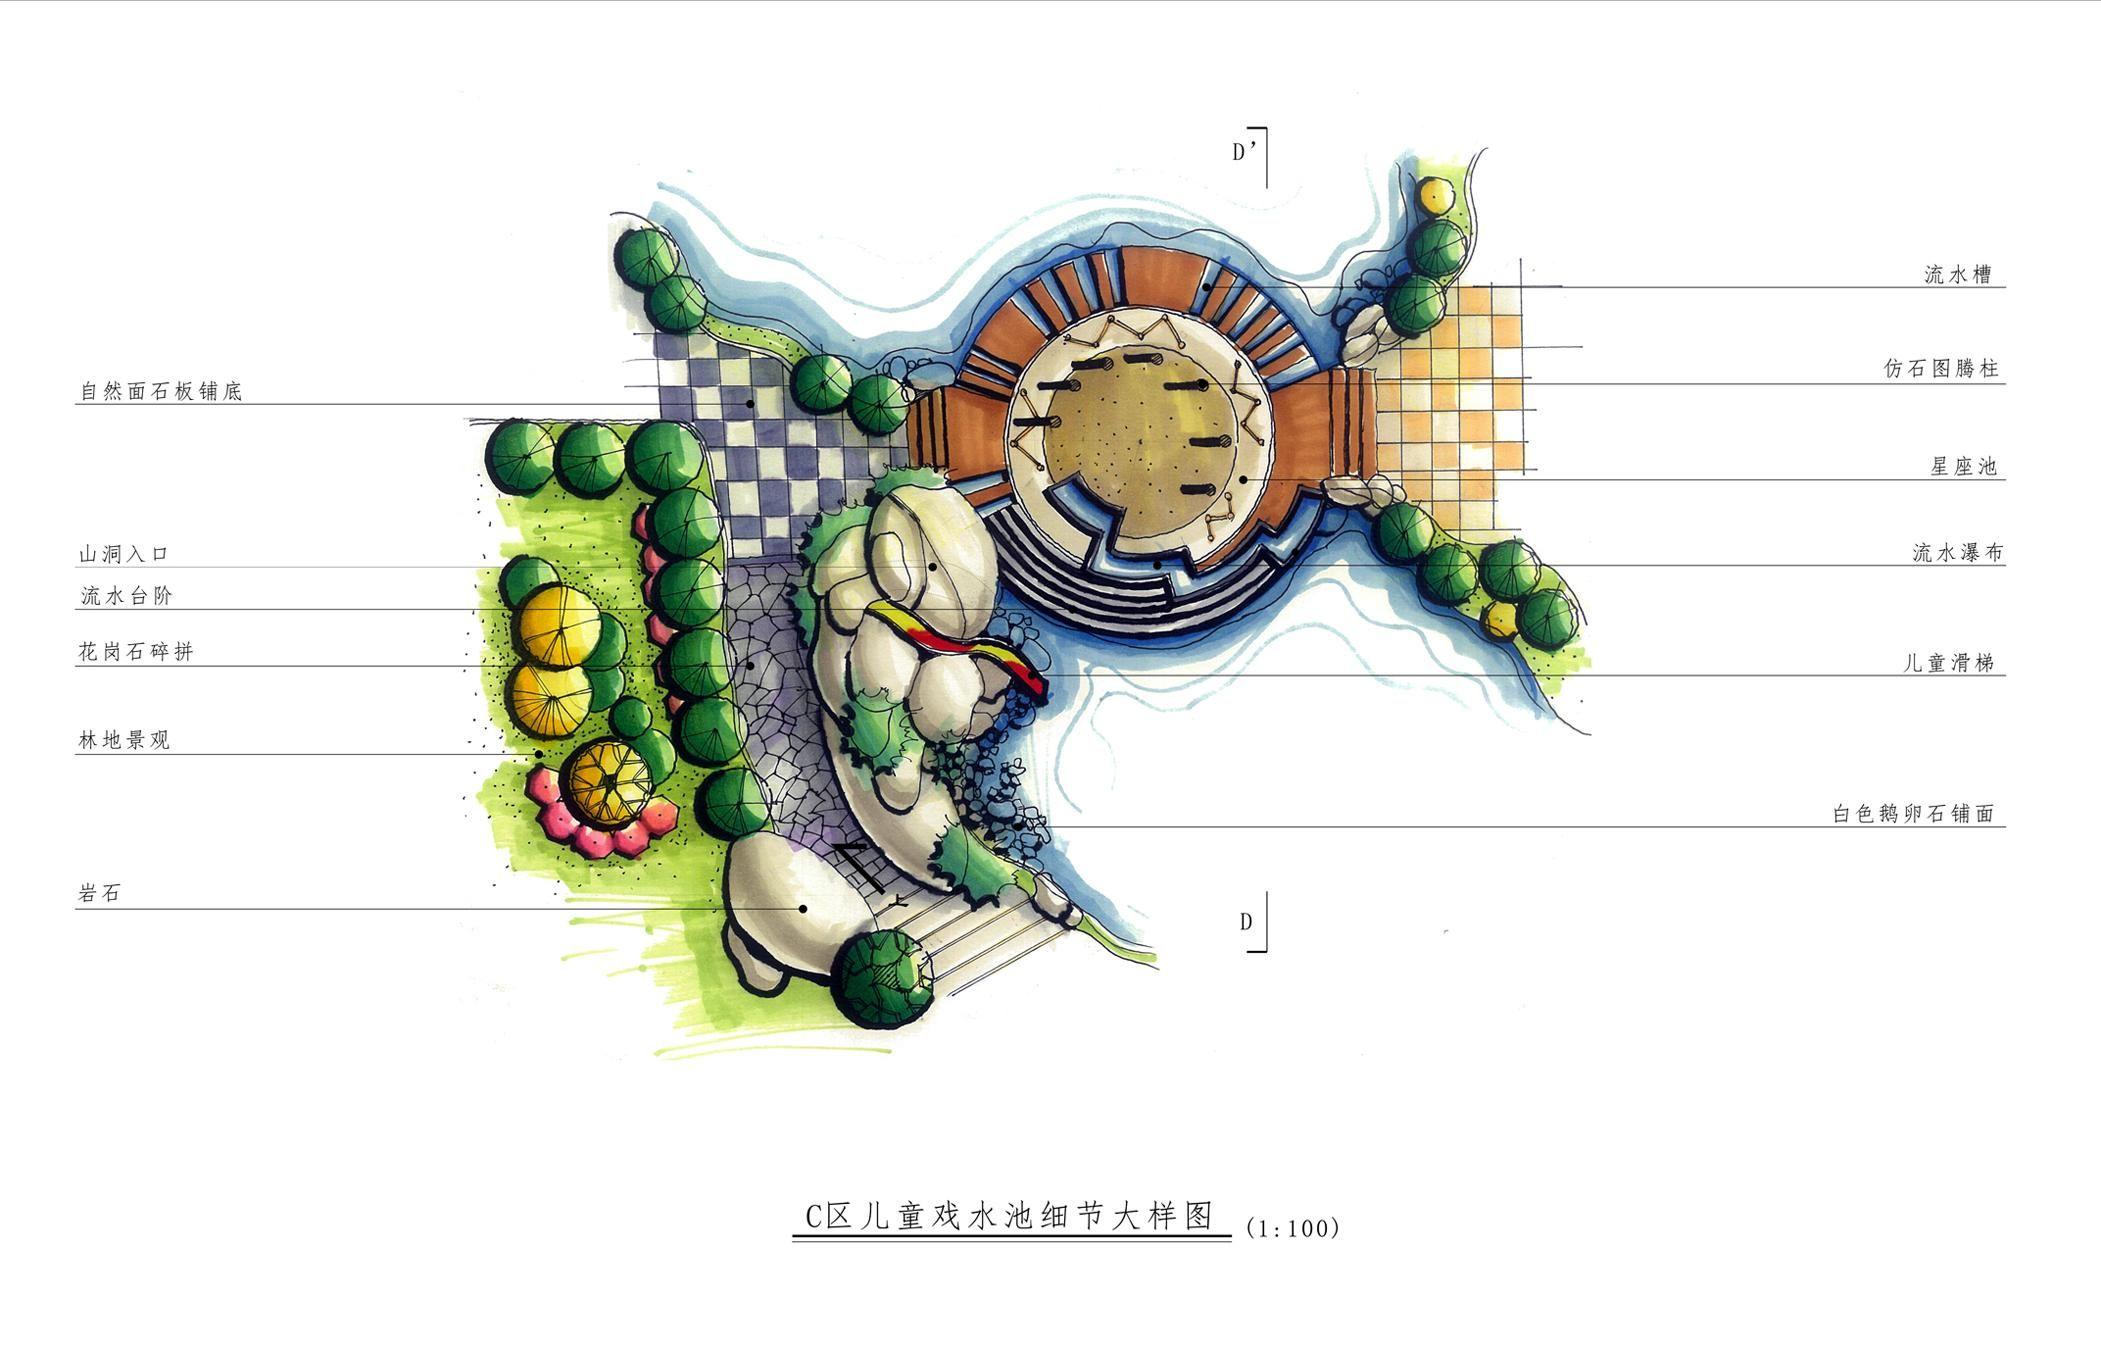 景观手绘平面图-手绘景观平面图-设计案例